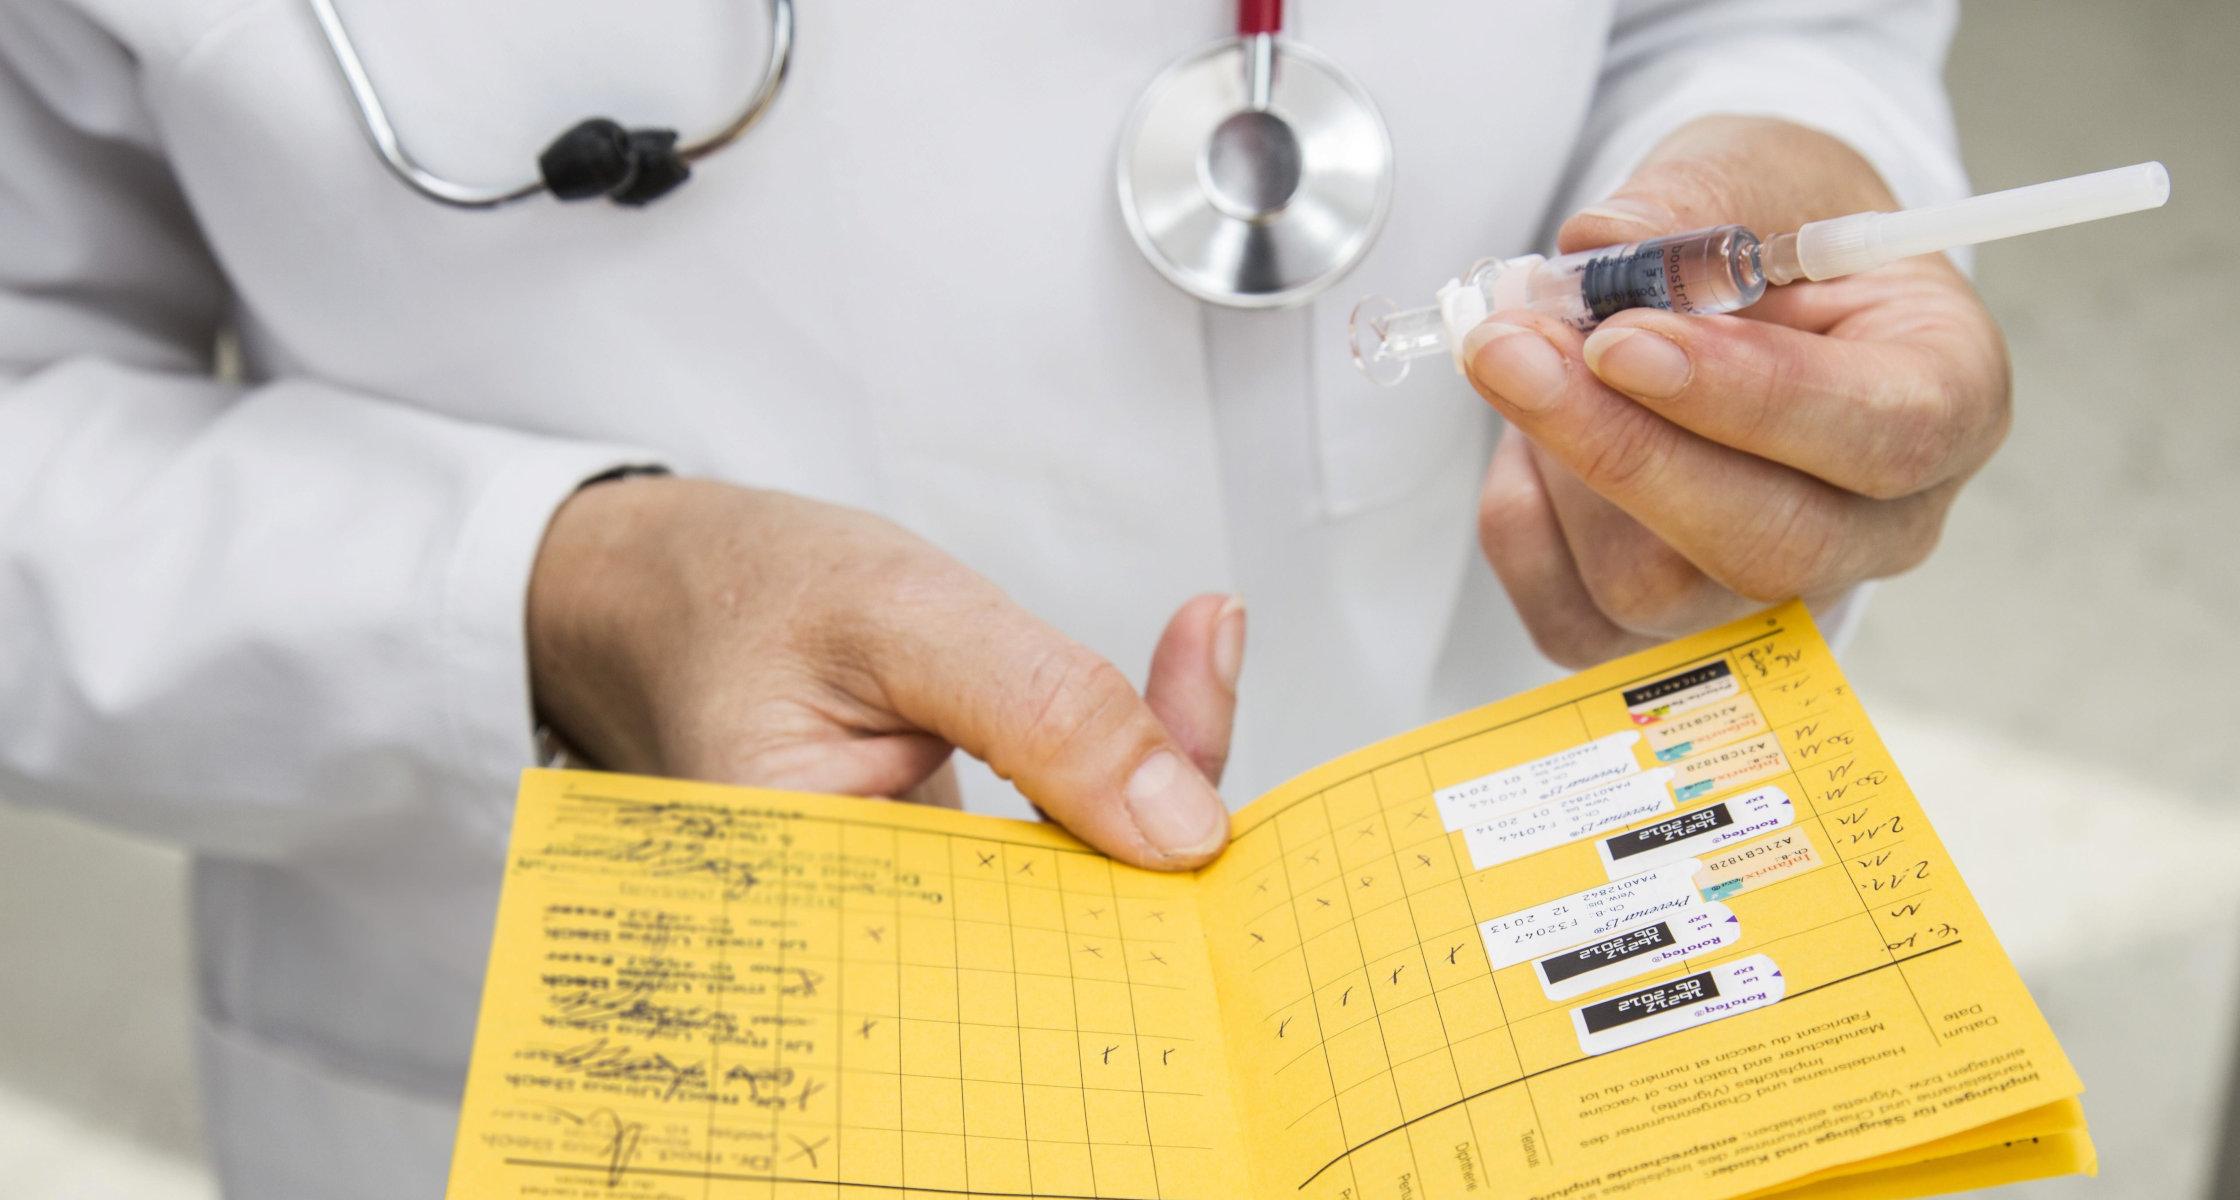 Tetanus impfung auffrischung vergessen